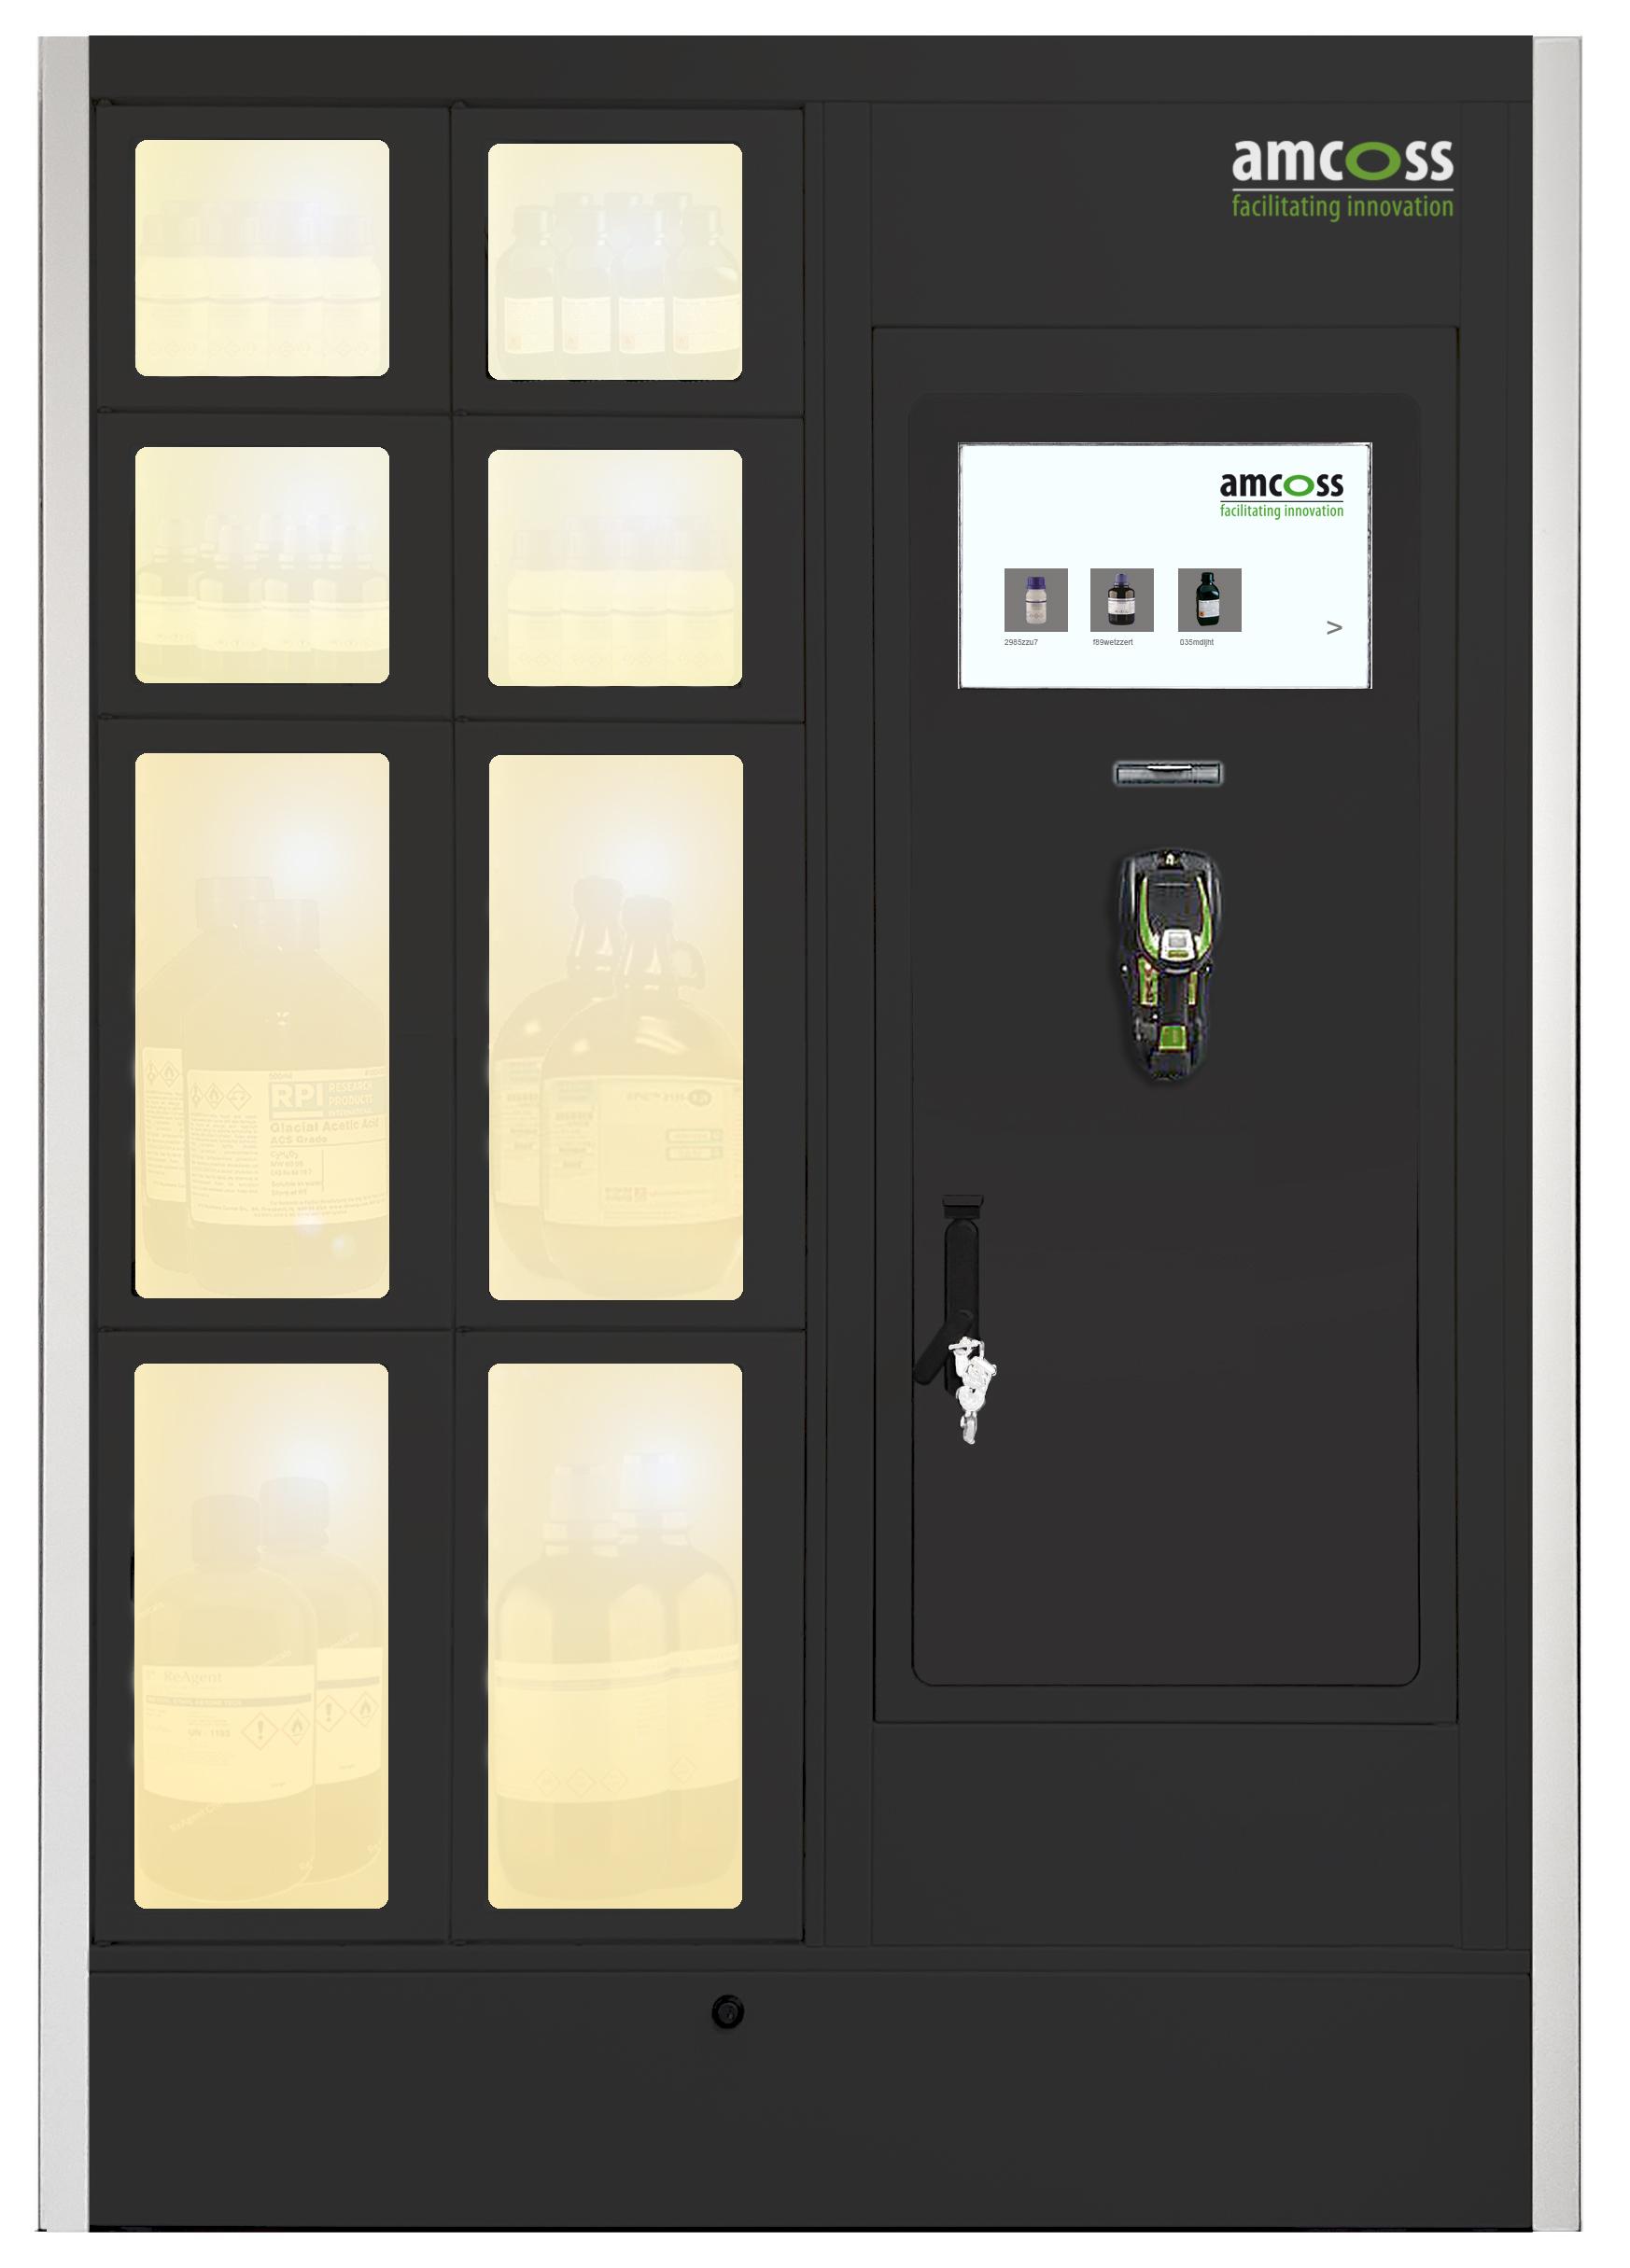 amcoss vending machine